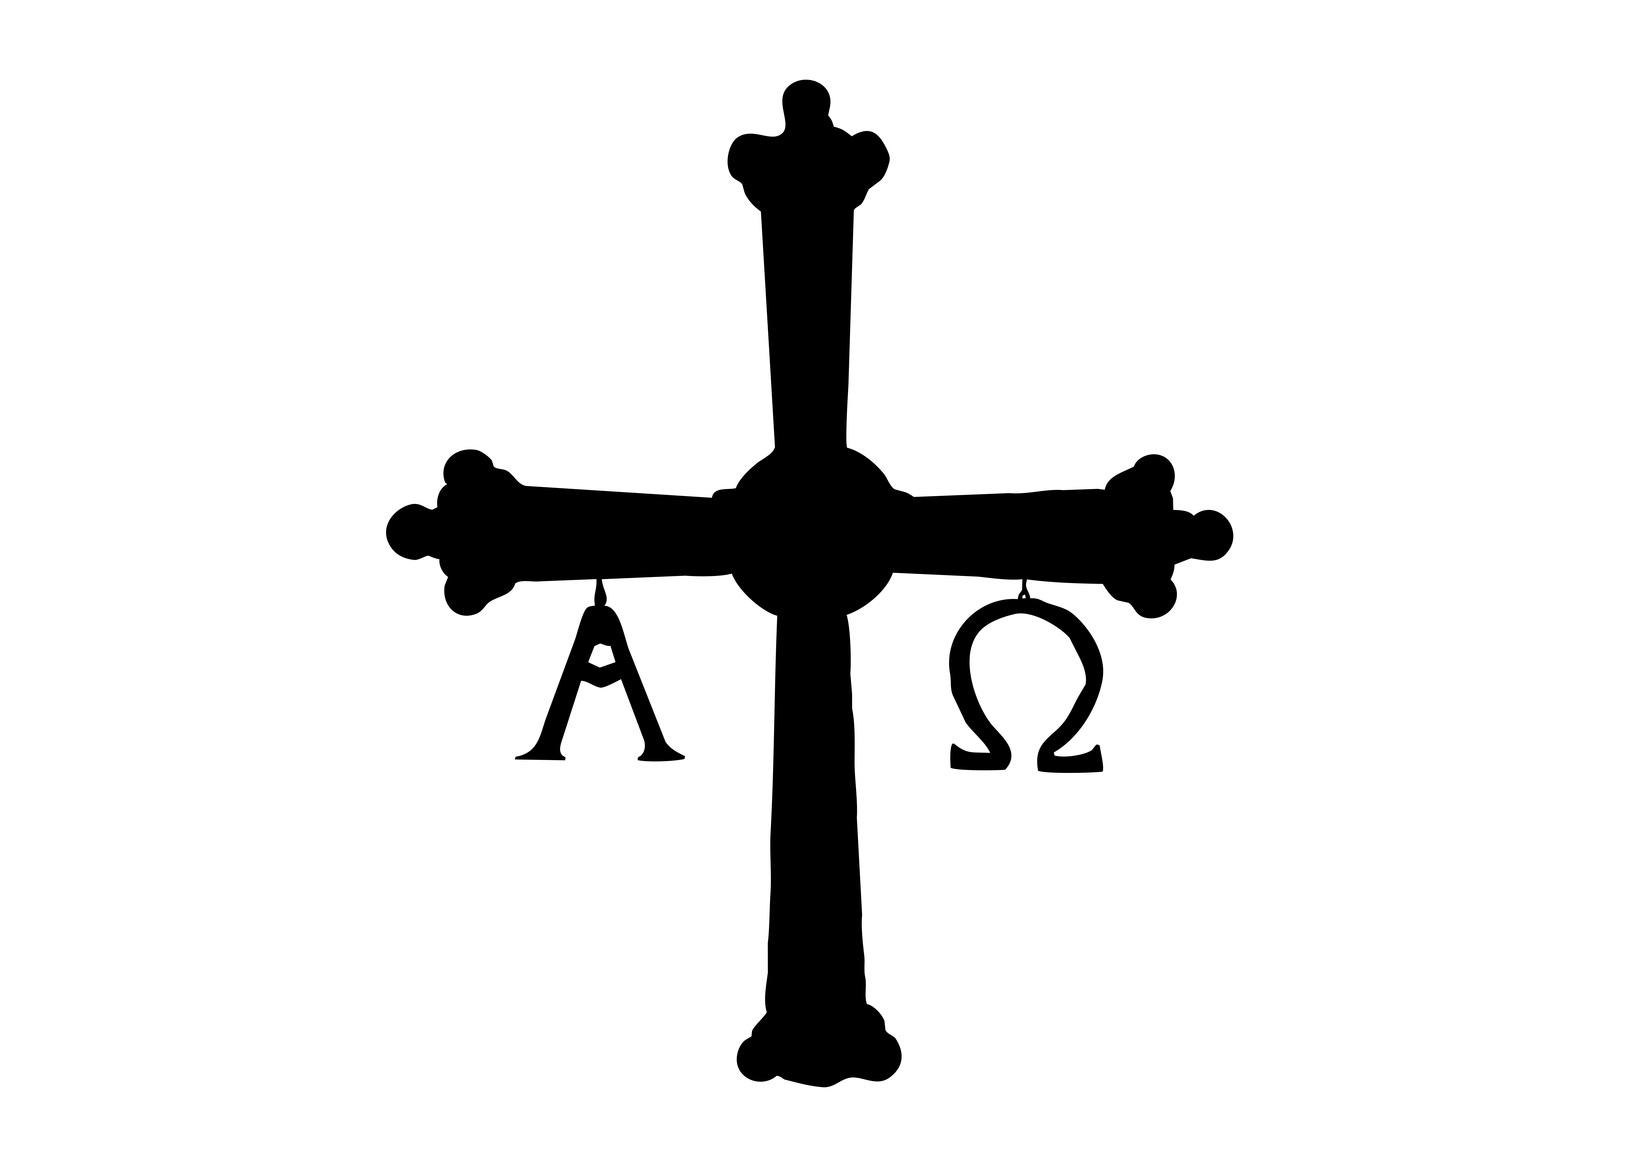 cruz de asturias